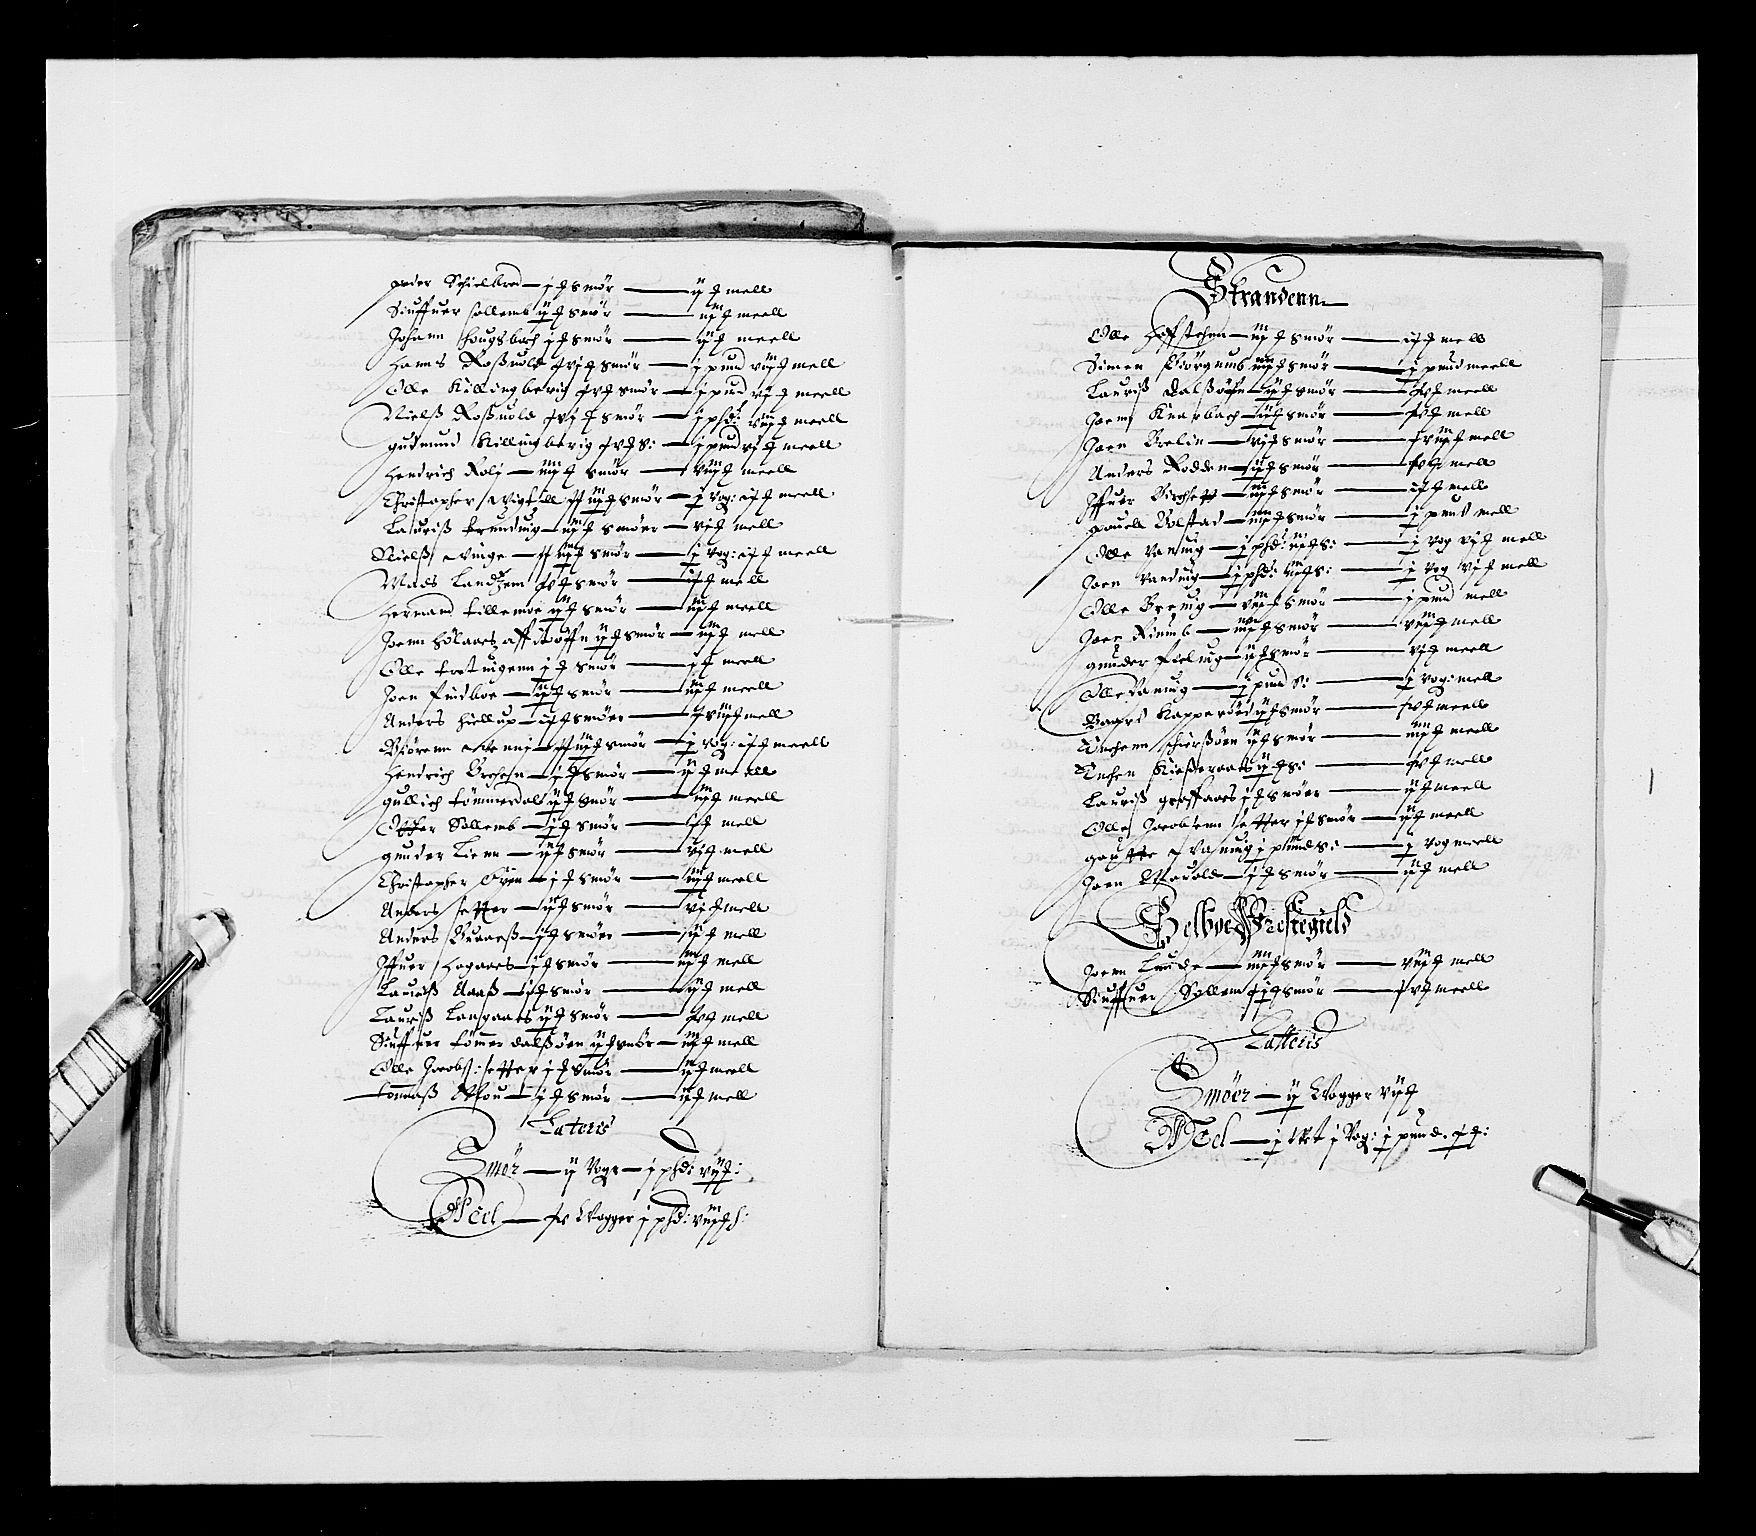 RA, Stattholderembetet 1572-1771, Ek/L0028: Jordebøker 1633-1658:, 1645-1646, s. 144